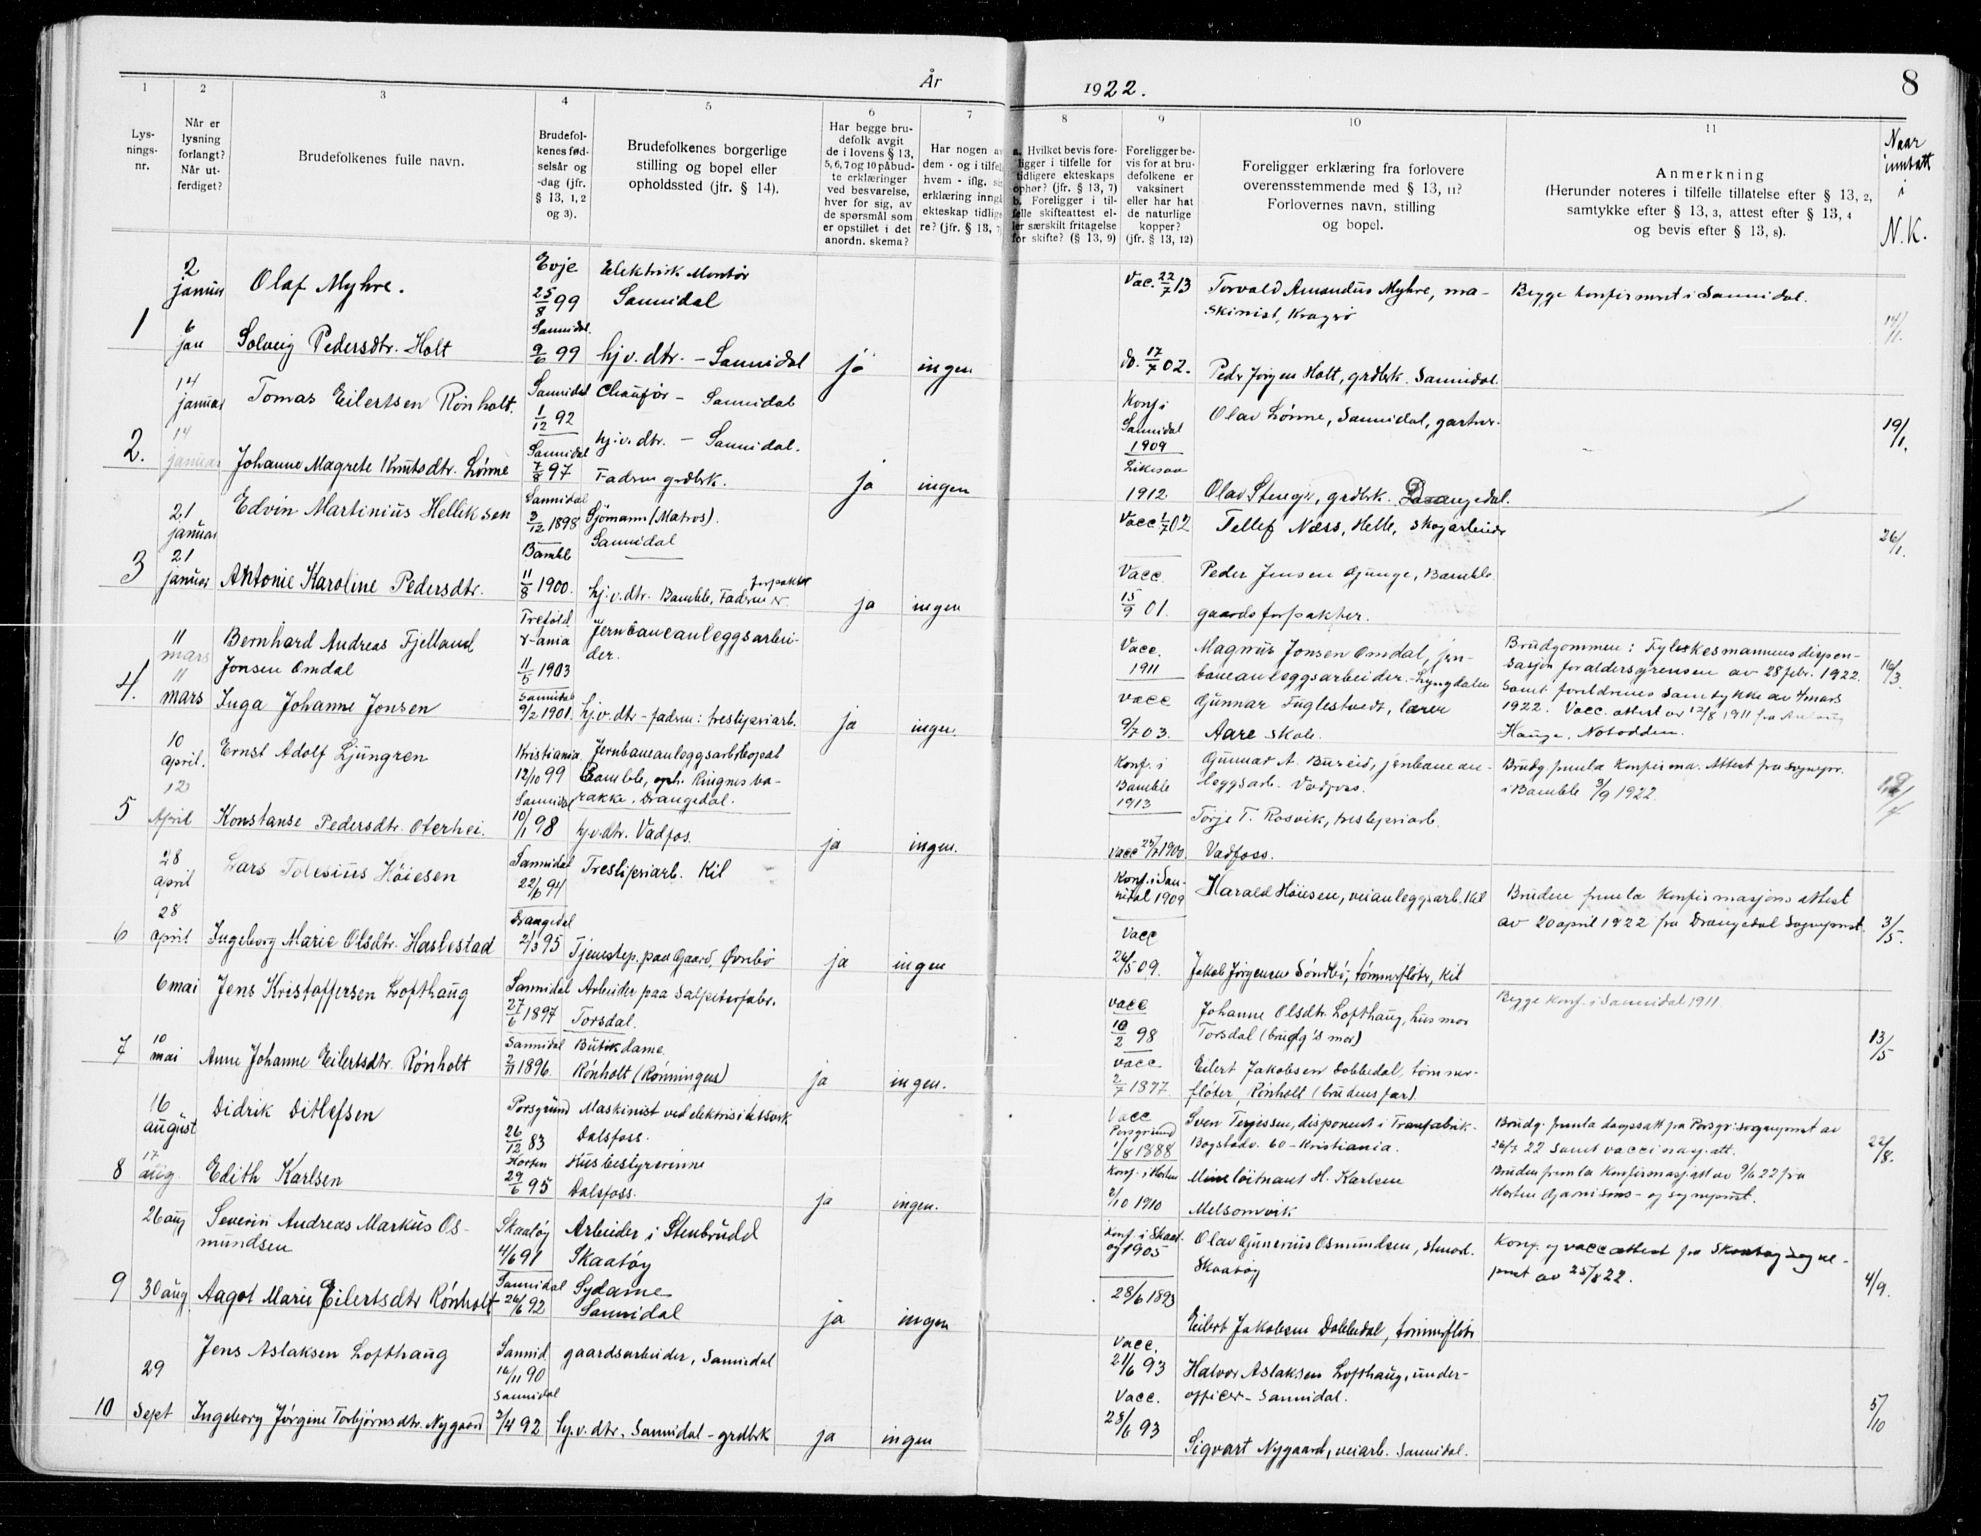 SAKO, Sannidal kirkebøker, H/Ha/L0002: Lysningsprotokoll nr. 2, 1919-1942, s. 8